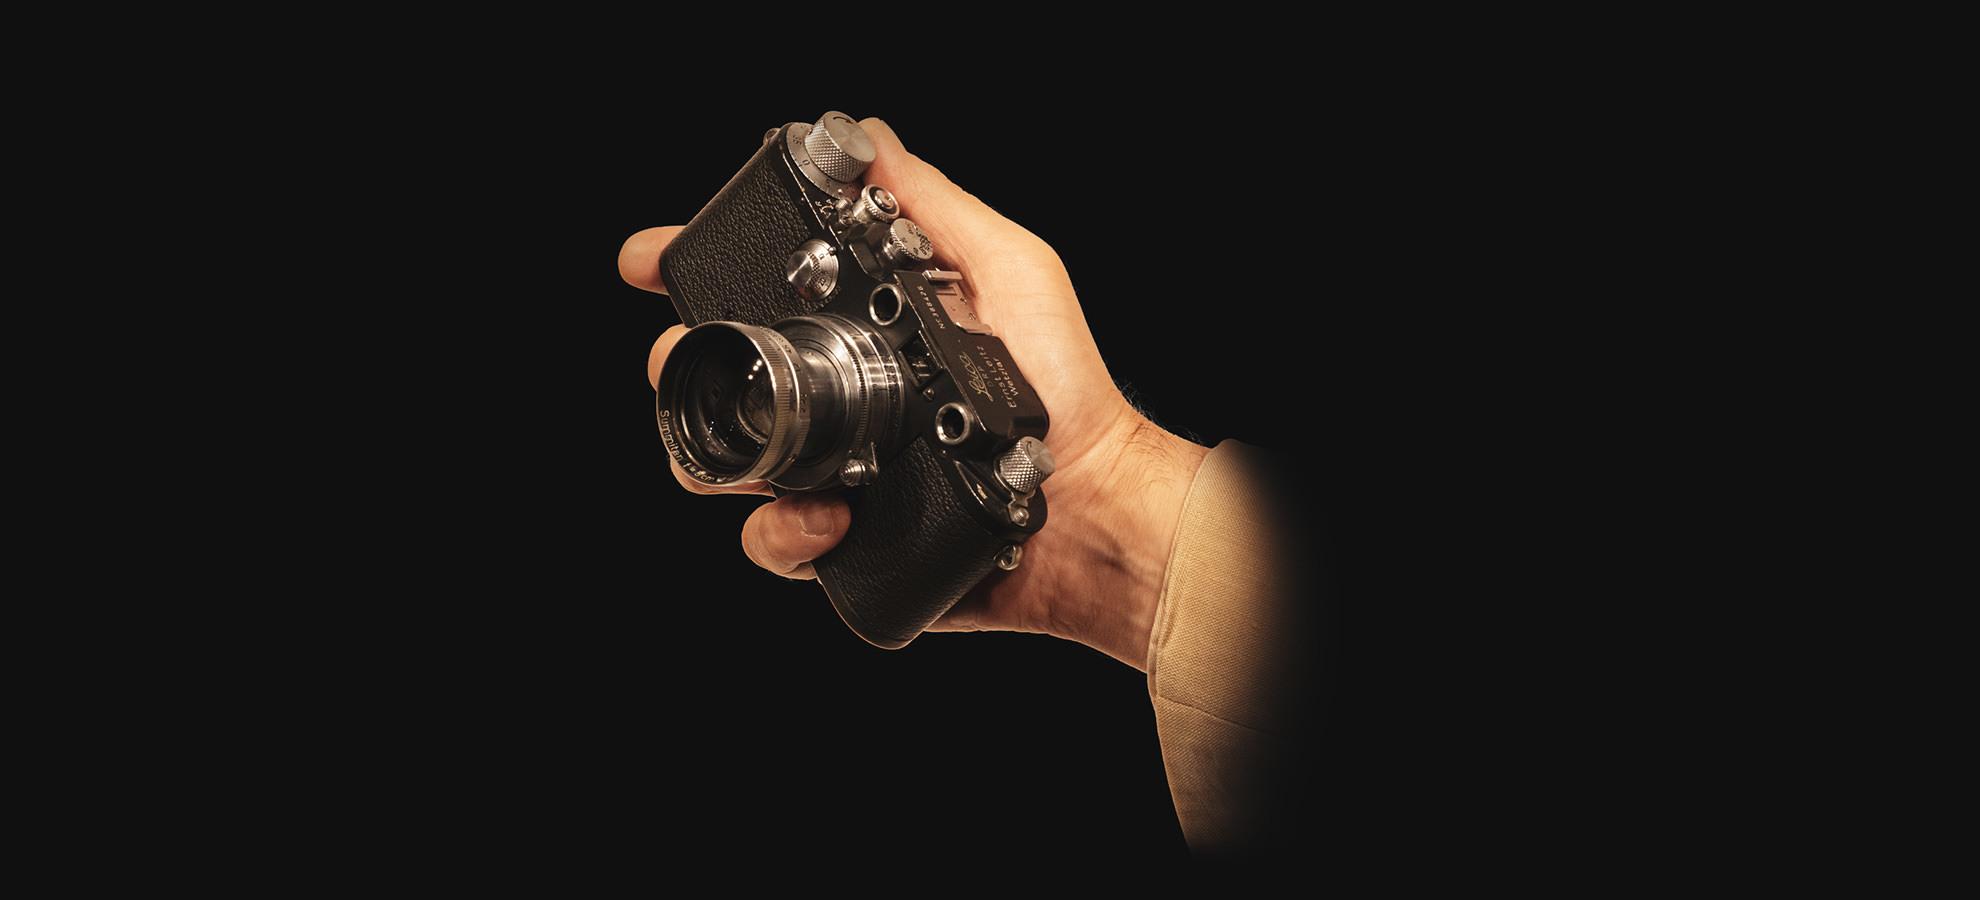 hands-tamarkin3.jpg